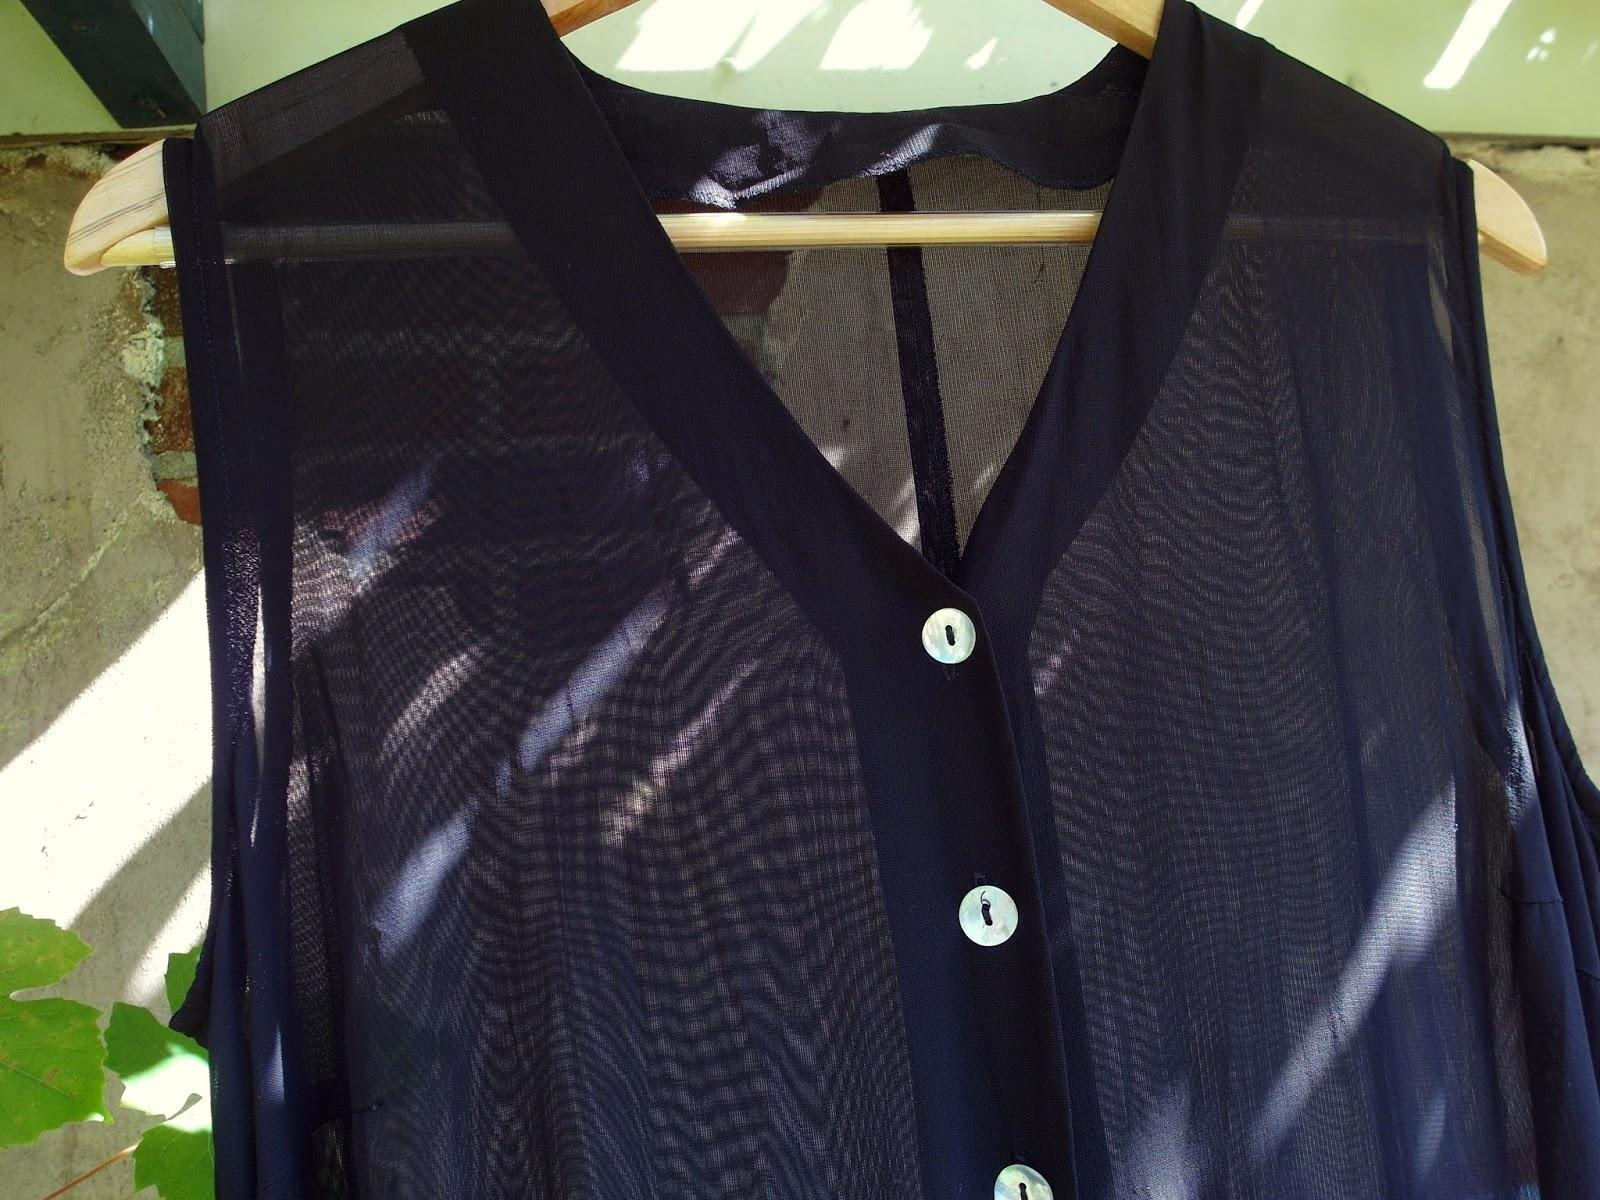 Tweedehands mode blog vintage tweede hands kleding outfit inspiratie lange doorzichtige blouse